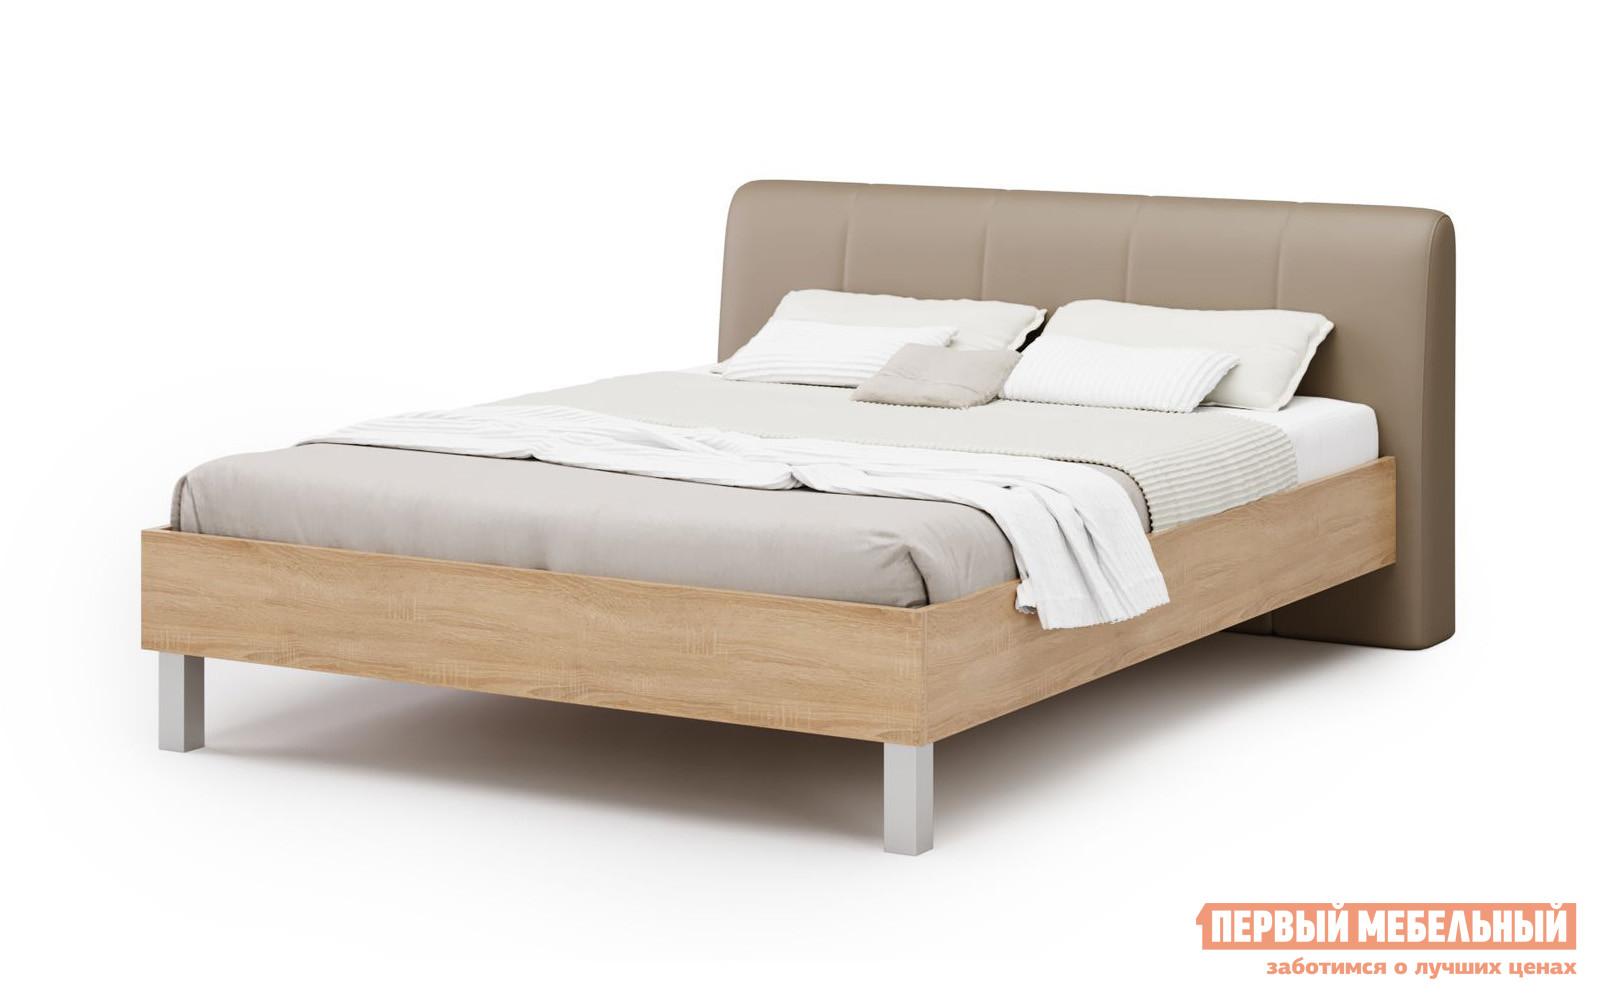 Двуспальная кровать Первый Мебельный Кровать Феникс